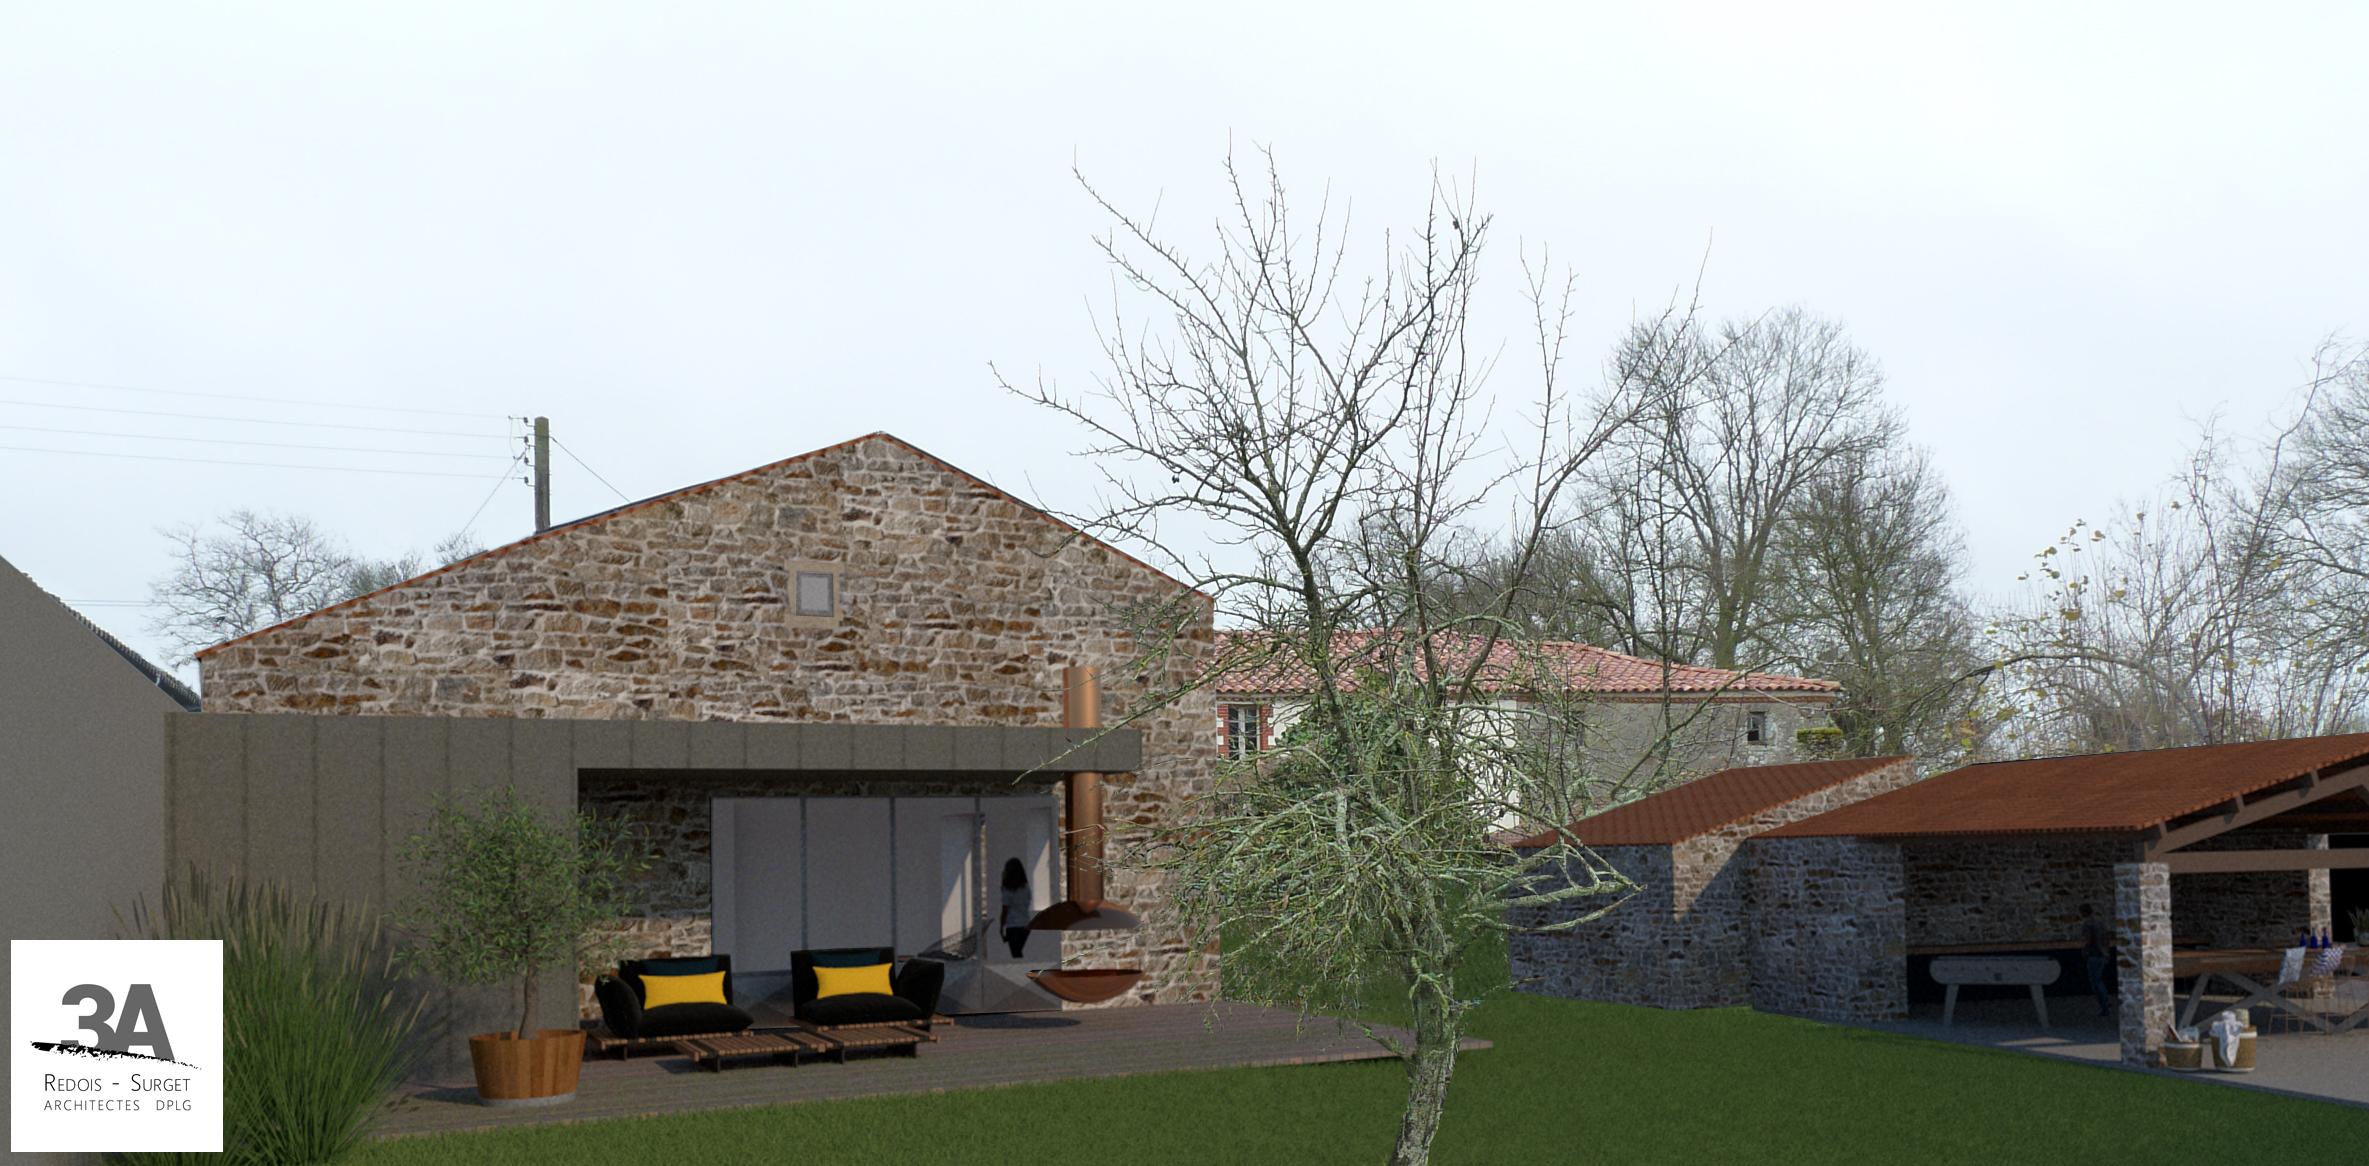 3A REDOIS-SURGET Architectes commune de GETIGNE